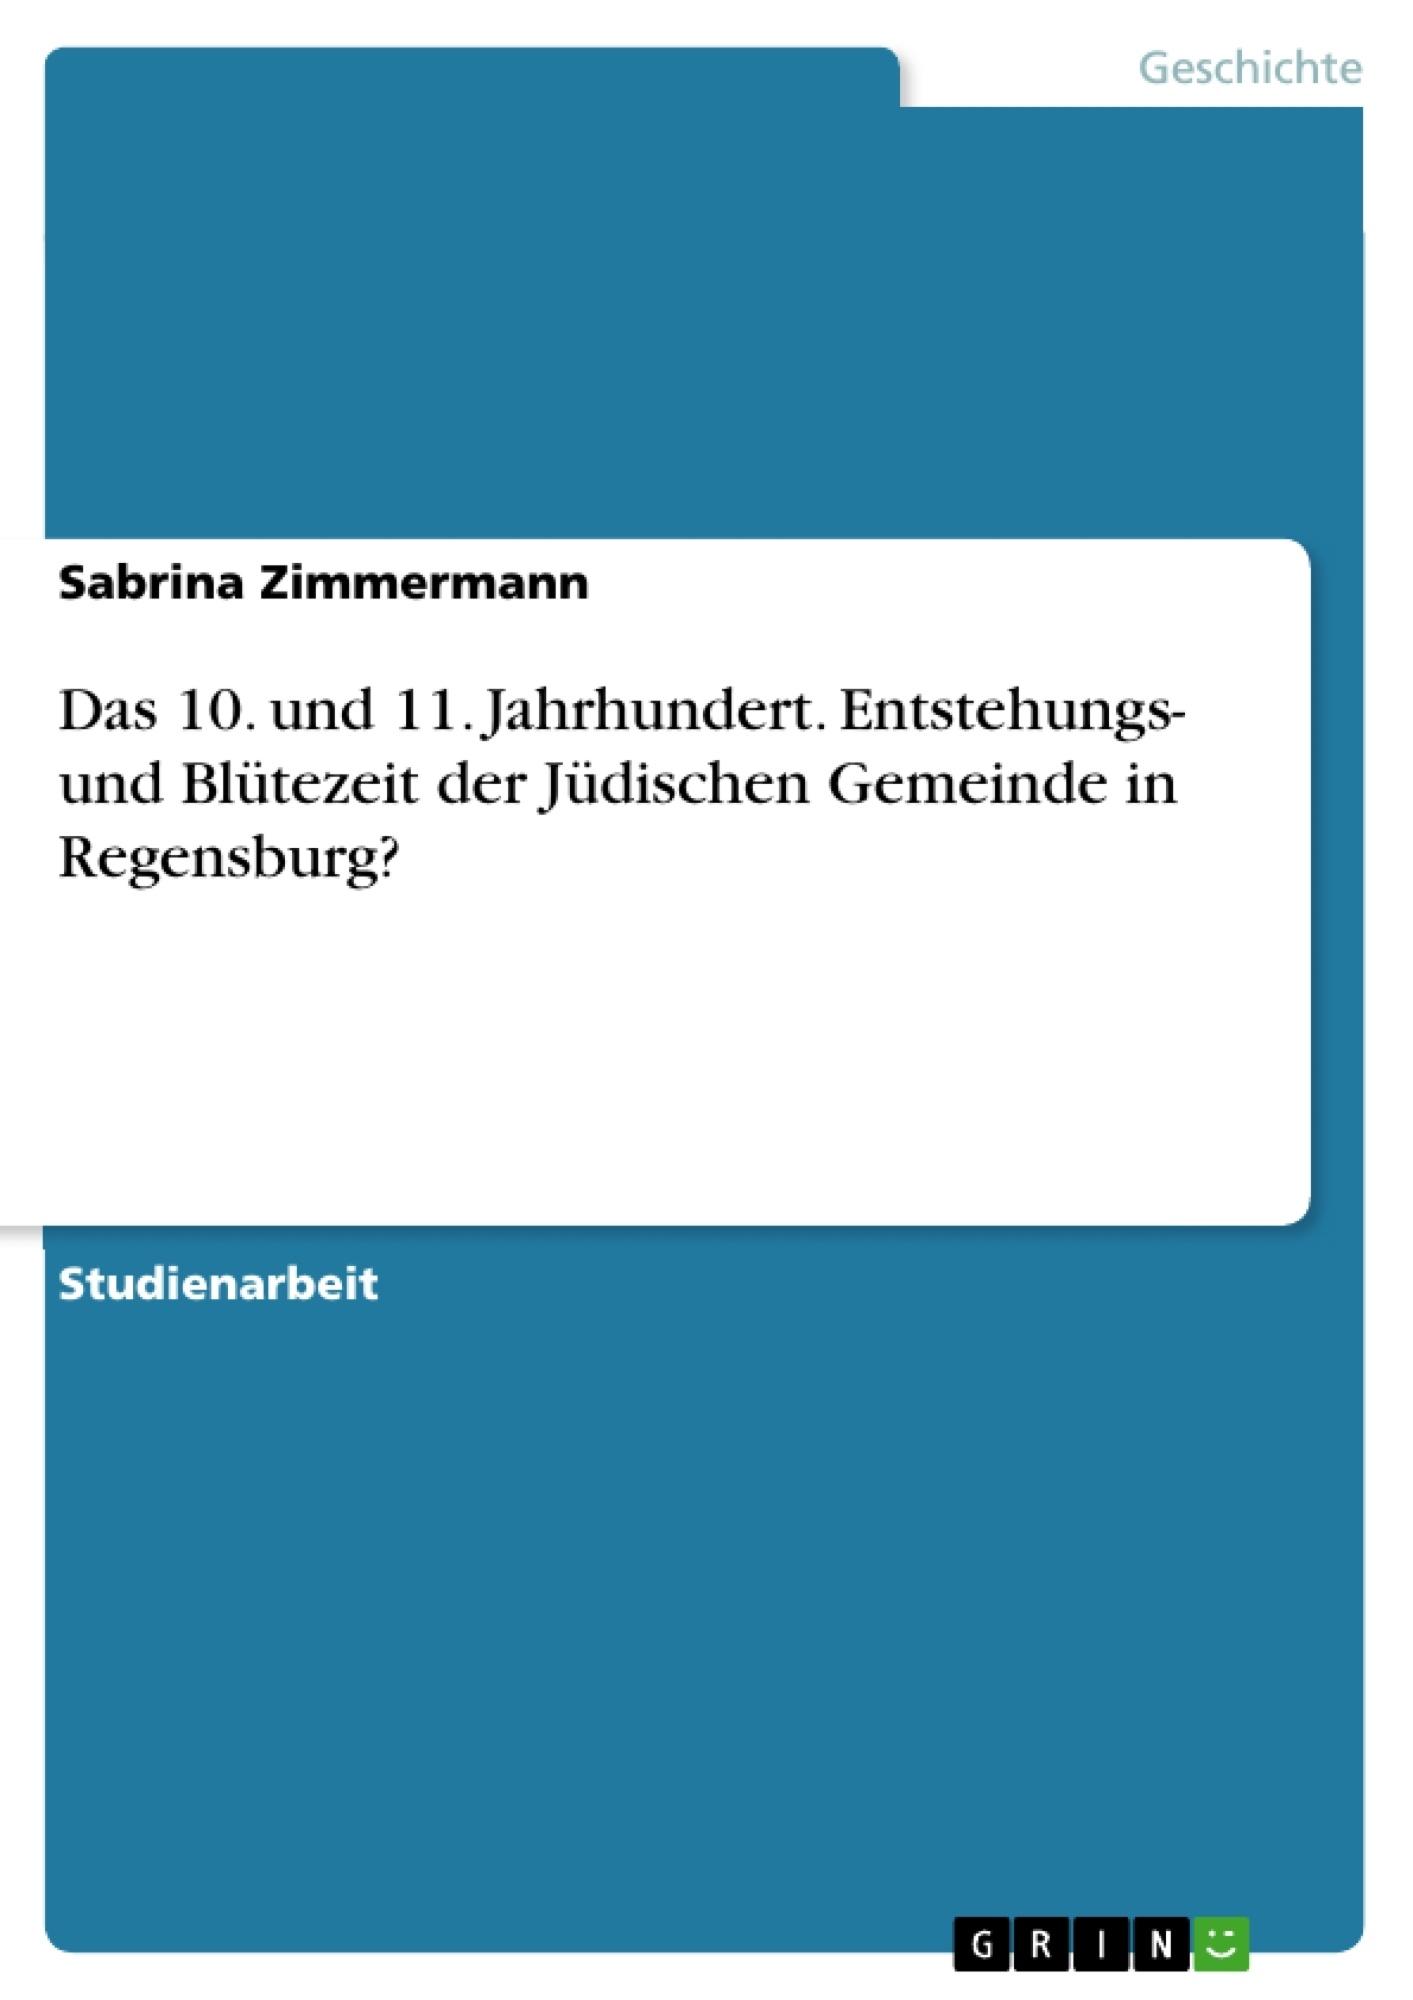 Titel: Das 10. und 11. Jahrhundert. Entstehungs- und Blütezeit der Jüdischen Gemeinde in Regensburg?